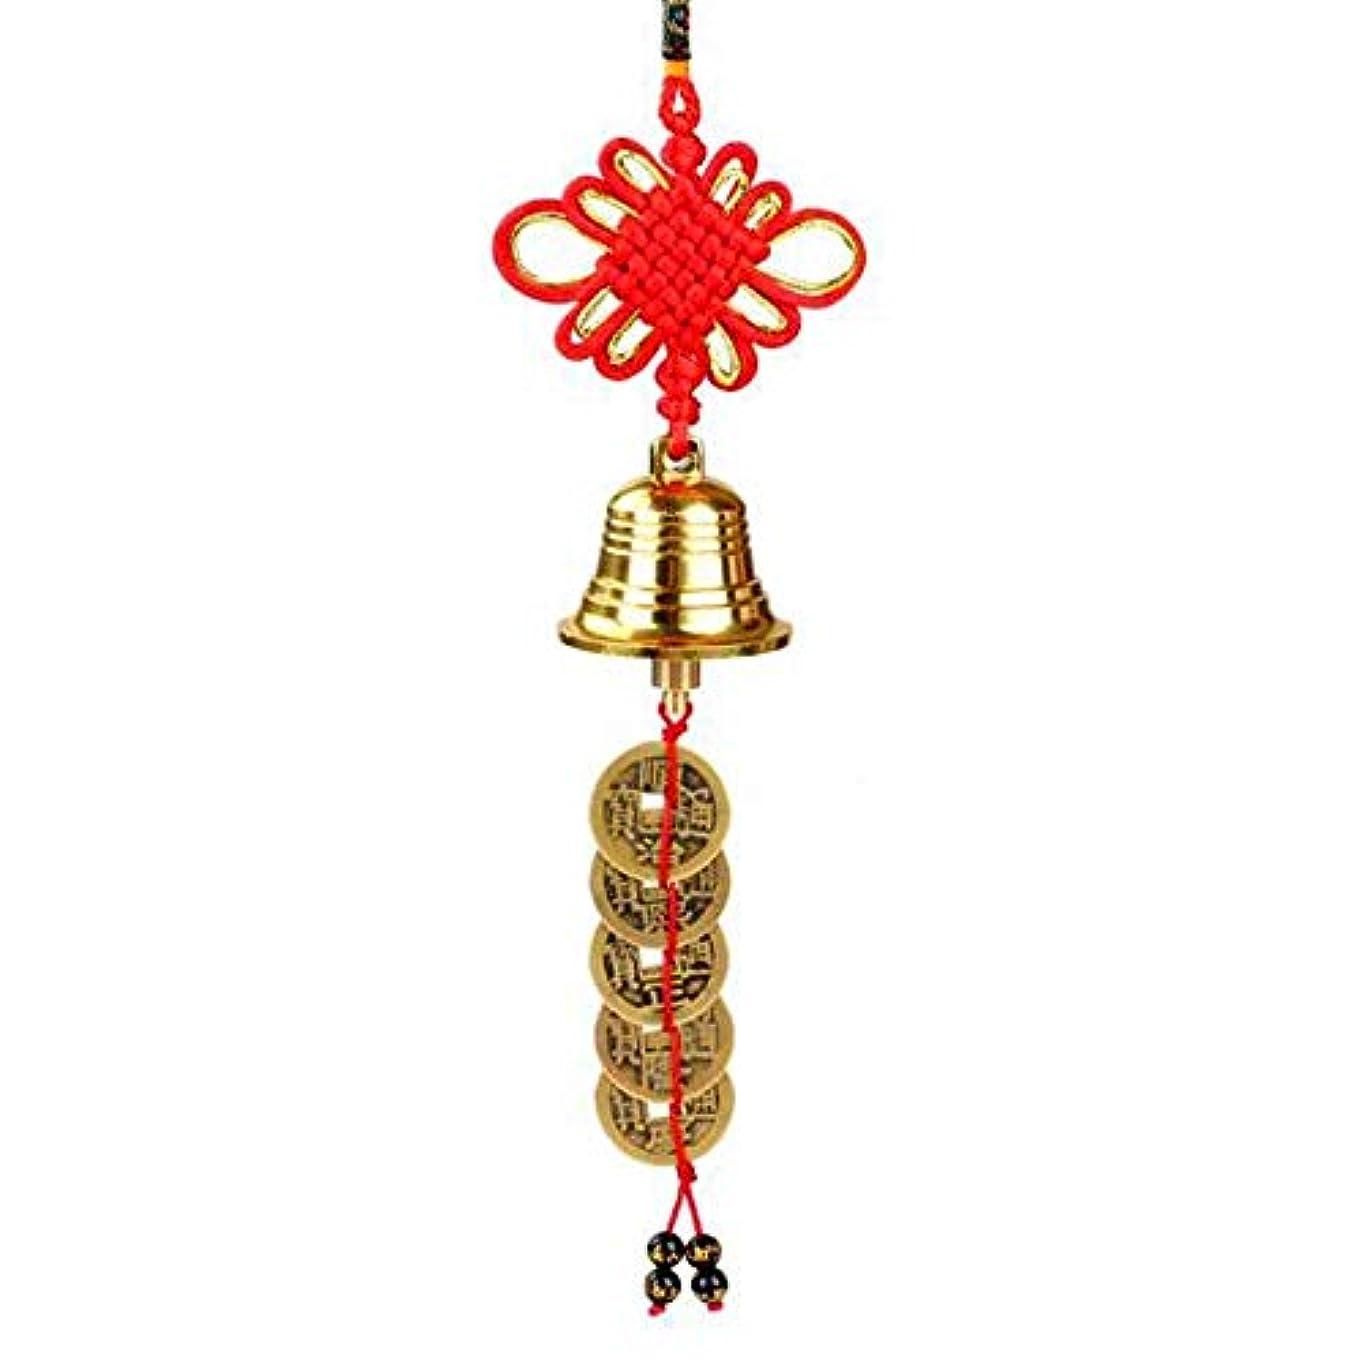 可愛いマーティフィールディング巨大なQiyuezhuangshi 風チャイム、中国のノット銅ベルホームデコレーション、ゴールド、サイズ28センチメートル,美しいホリデーギフト (Size : 28*3.8cm)